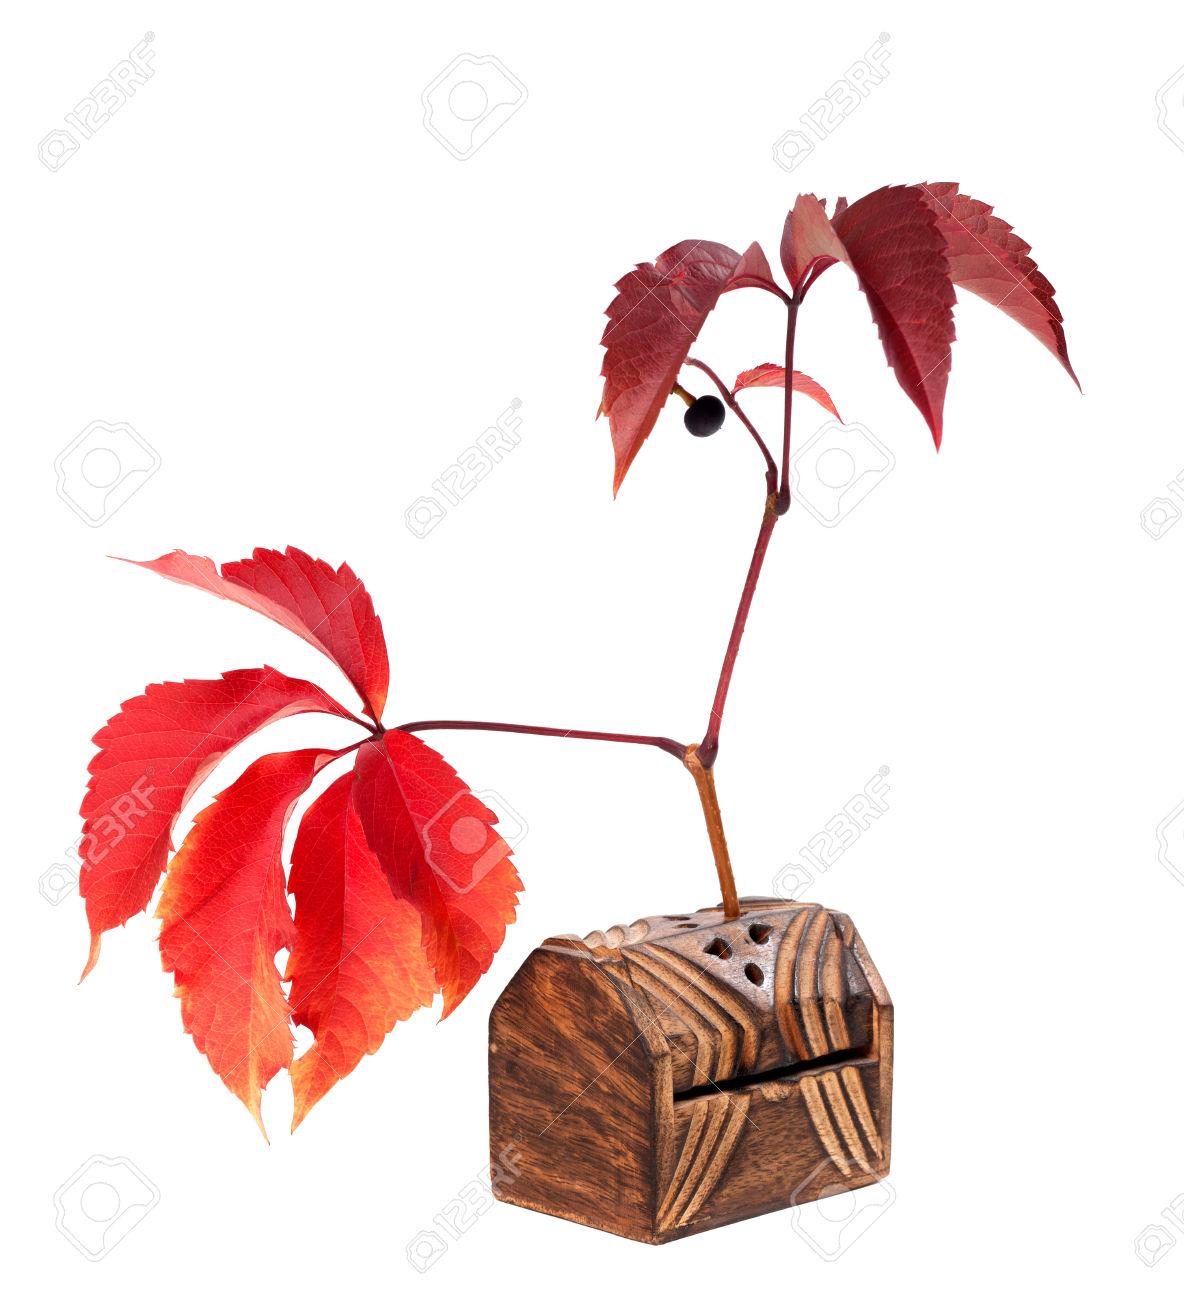 Autumn Grapes Leaves With Berry. Parthenocissus Quinquefolia.